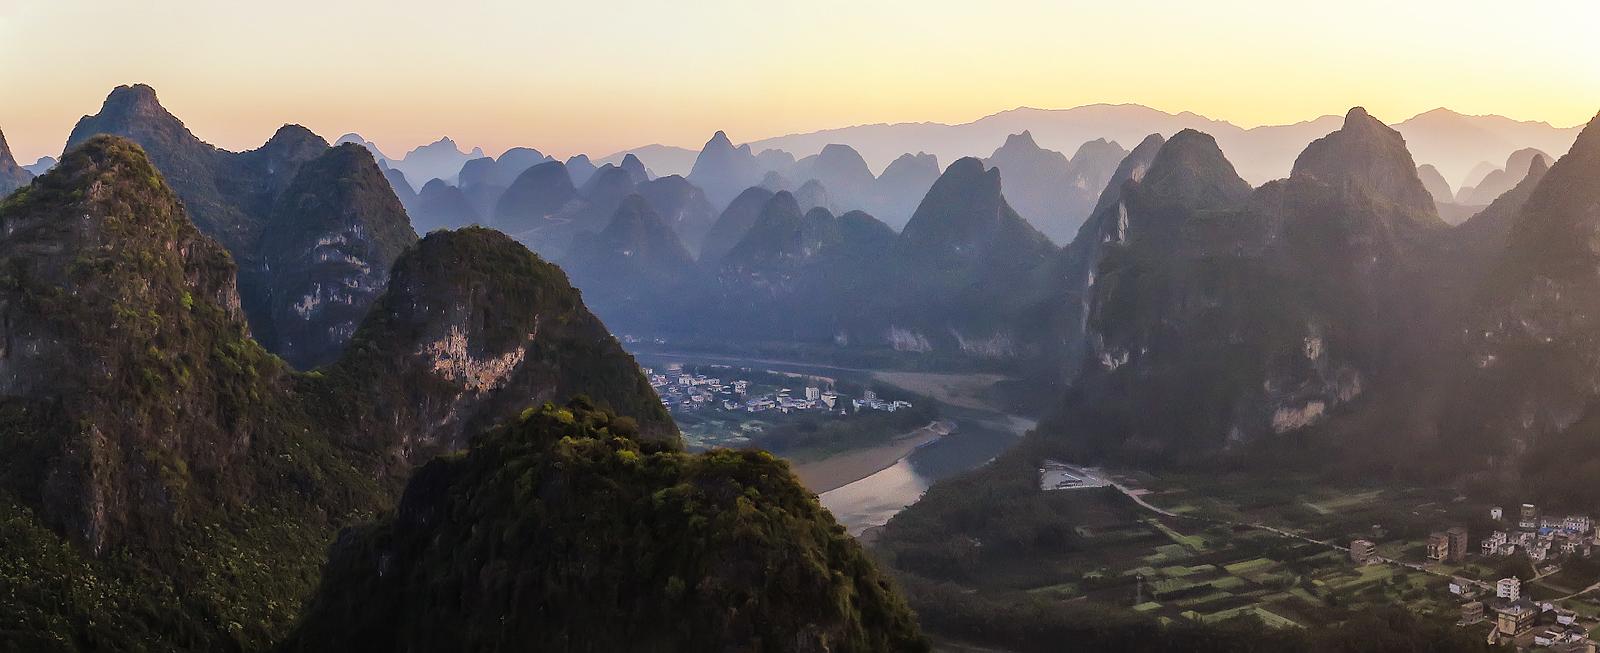 Китай – жемчужины Поднебесной